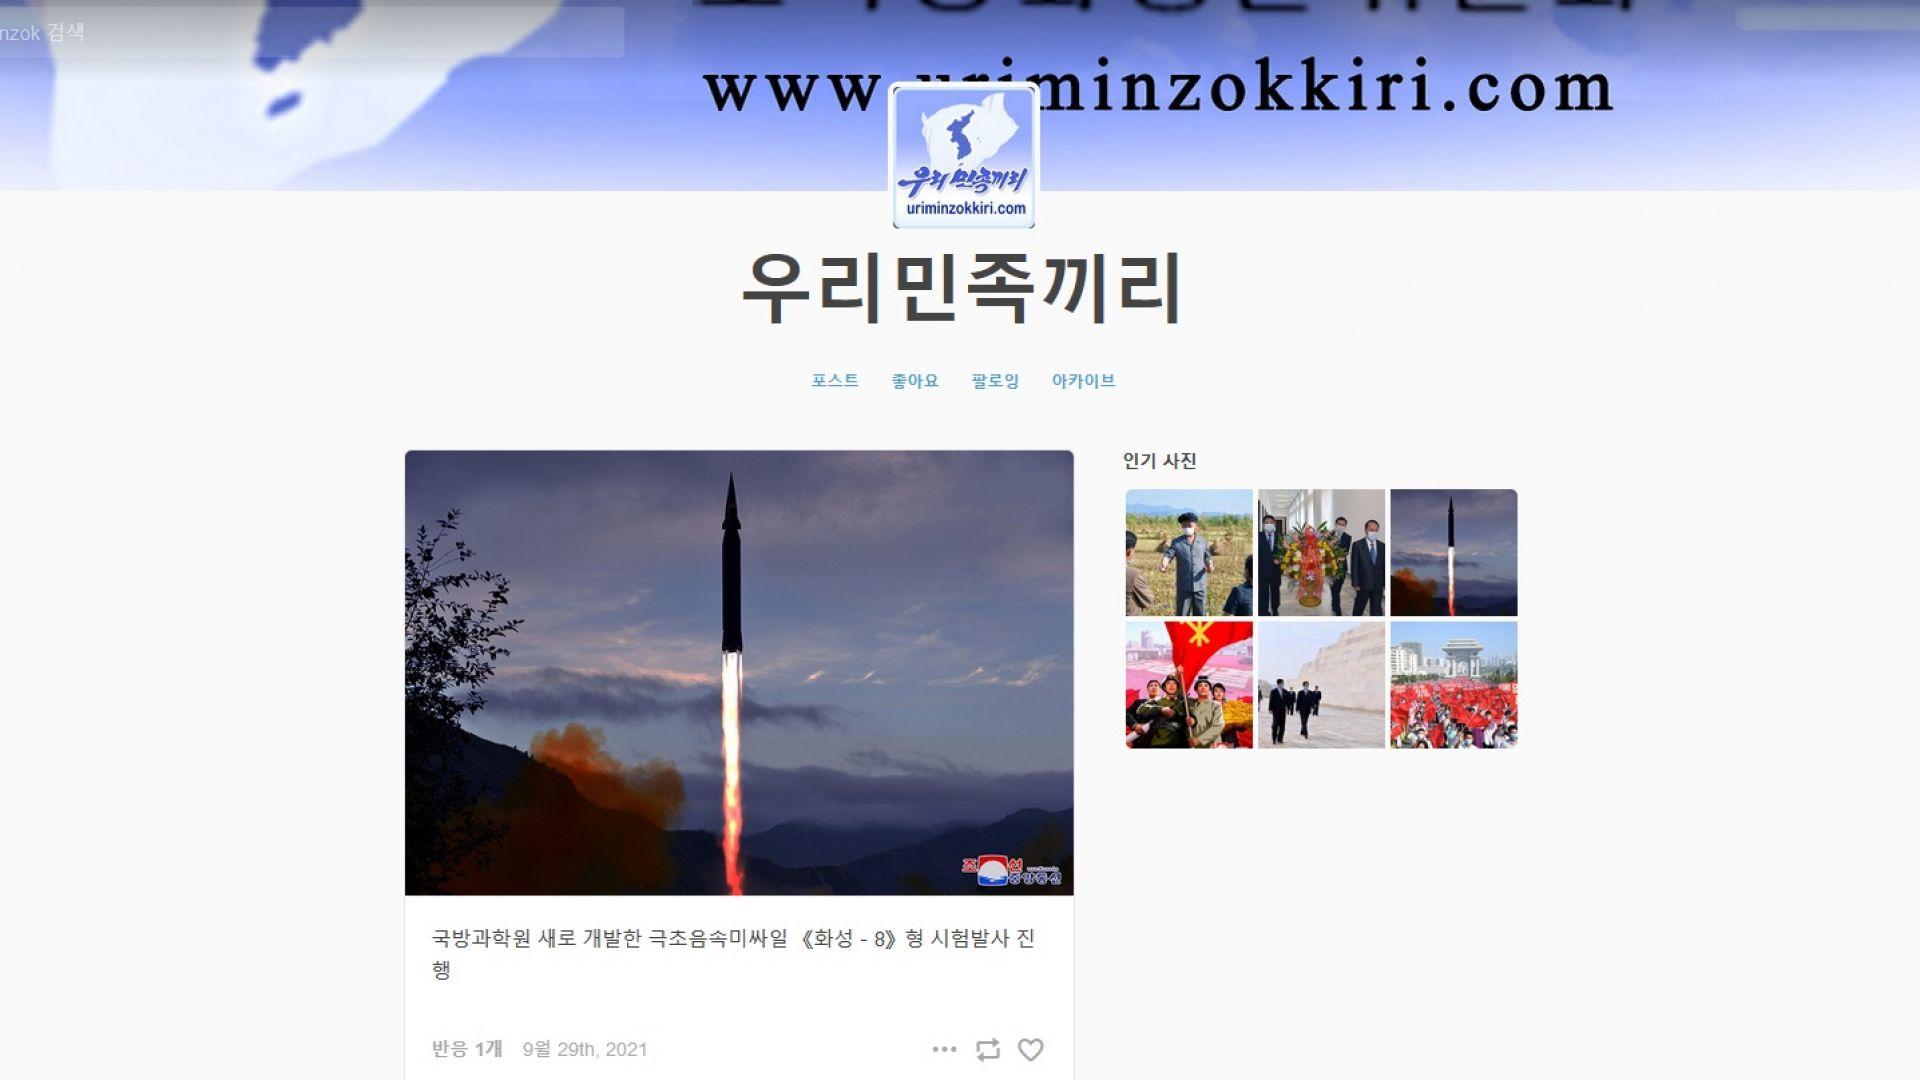 Северна Корея залага на ракетите в Tumblr